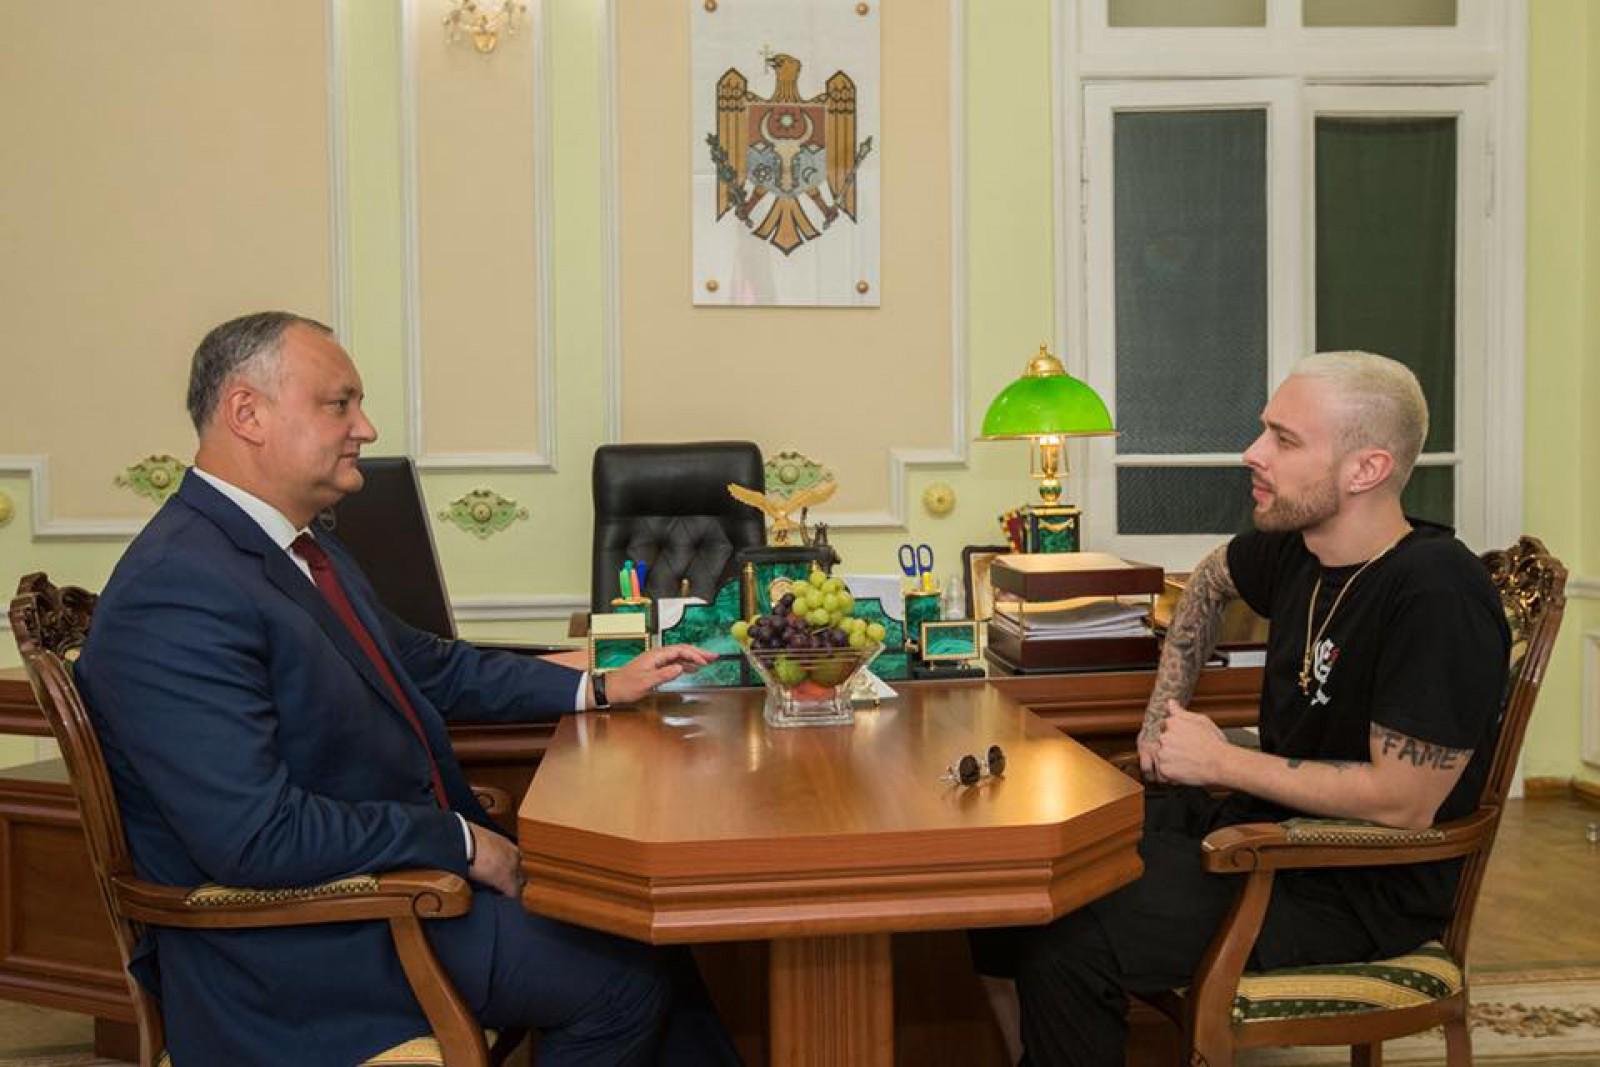 (foto) Întâlnirea zilei: Igor Dodon la o masă cu Egor Kreed. Care a fost scopul întrevederii